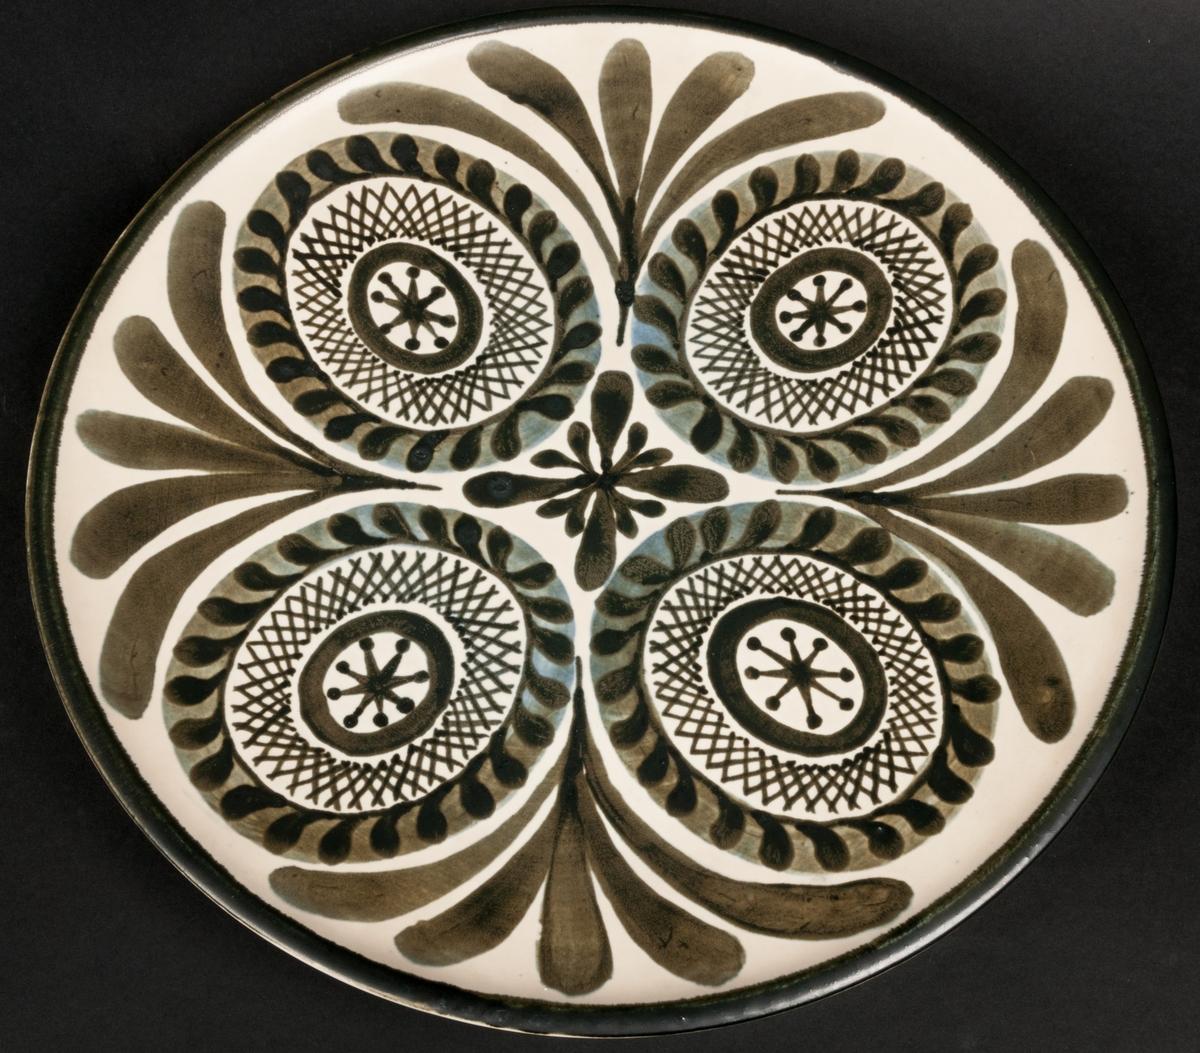 """Fat av förmodligen stengods, formgivet av Berit Ternell för Gefle Porslinsfabrik, modell -T56. Runt, skålformat med två fotringar. Handmålad originaldekor av Ternell, """"Fyra rundlar"""". Fyra ovaler med mönster i och omkring, olivgröna nyanser mot beige glasyrfond. Signerad under med olivgrönt """"BT -62 11-4"""" samt otydlig blå stämpel med text."""